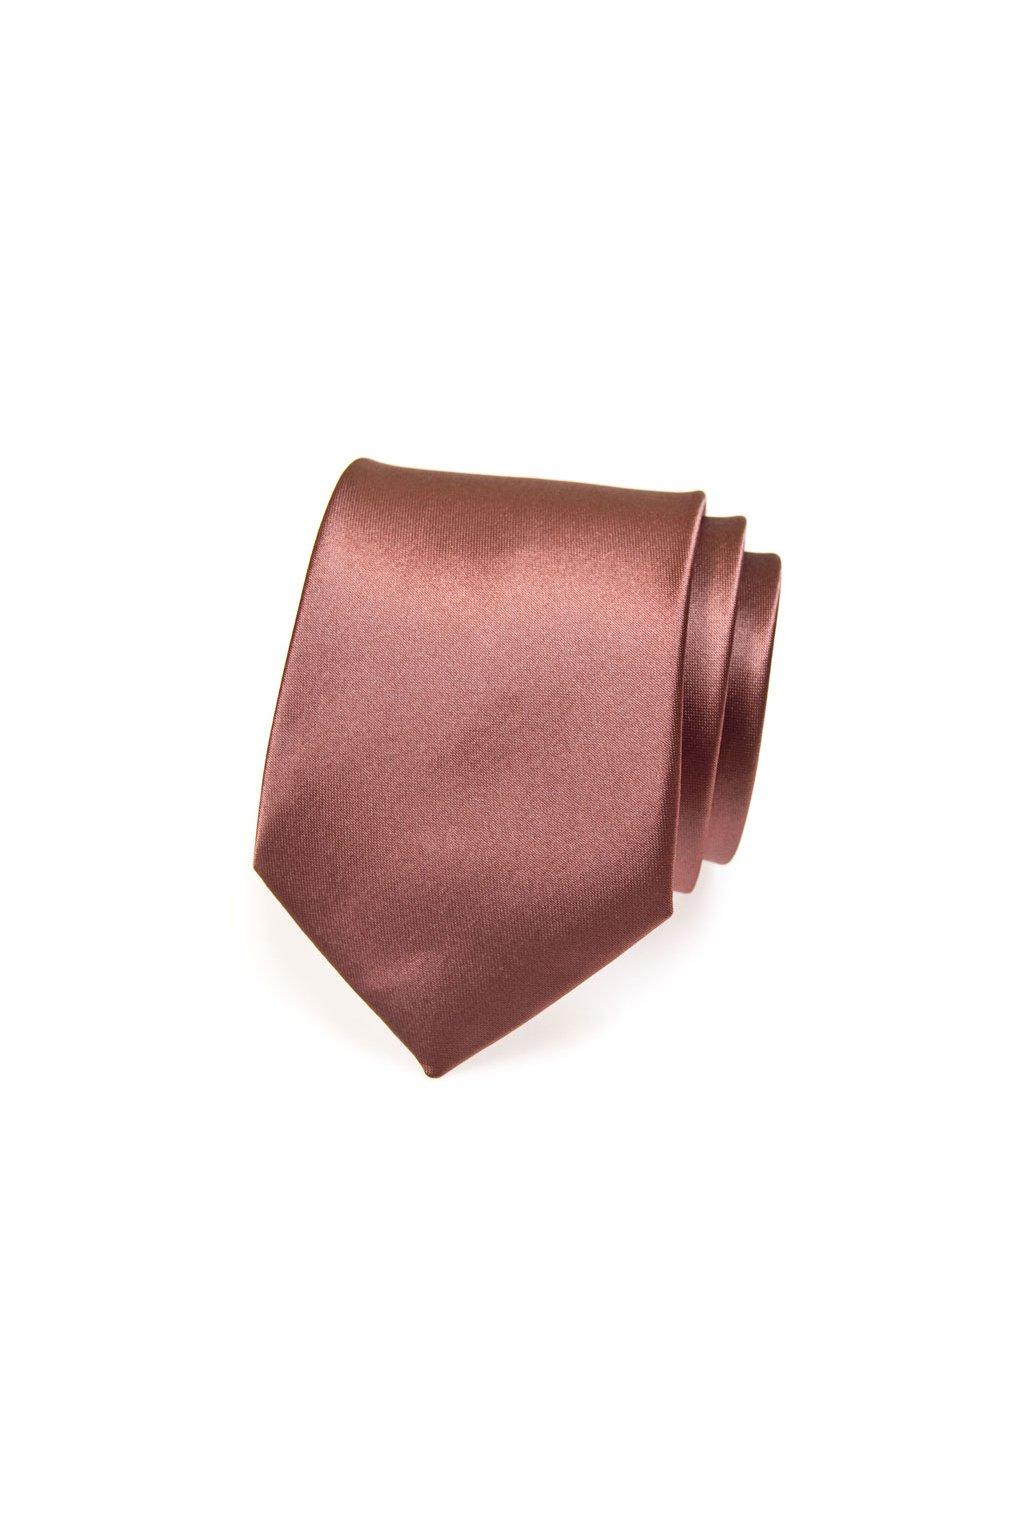 Hnědá kravata 559 - 794